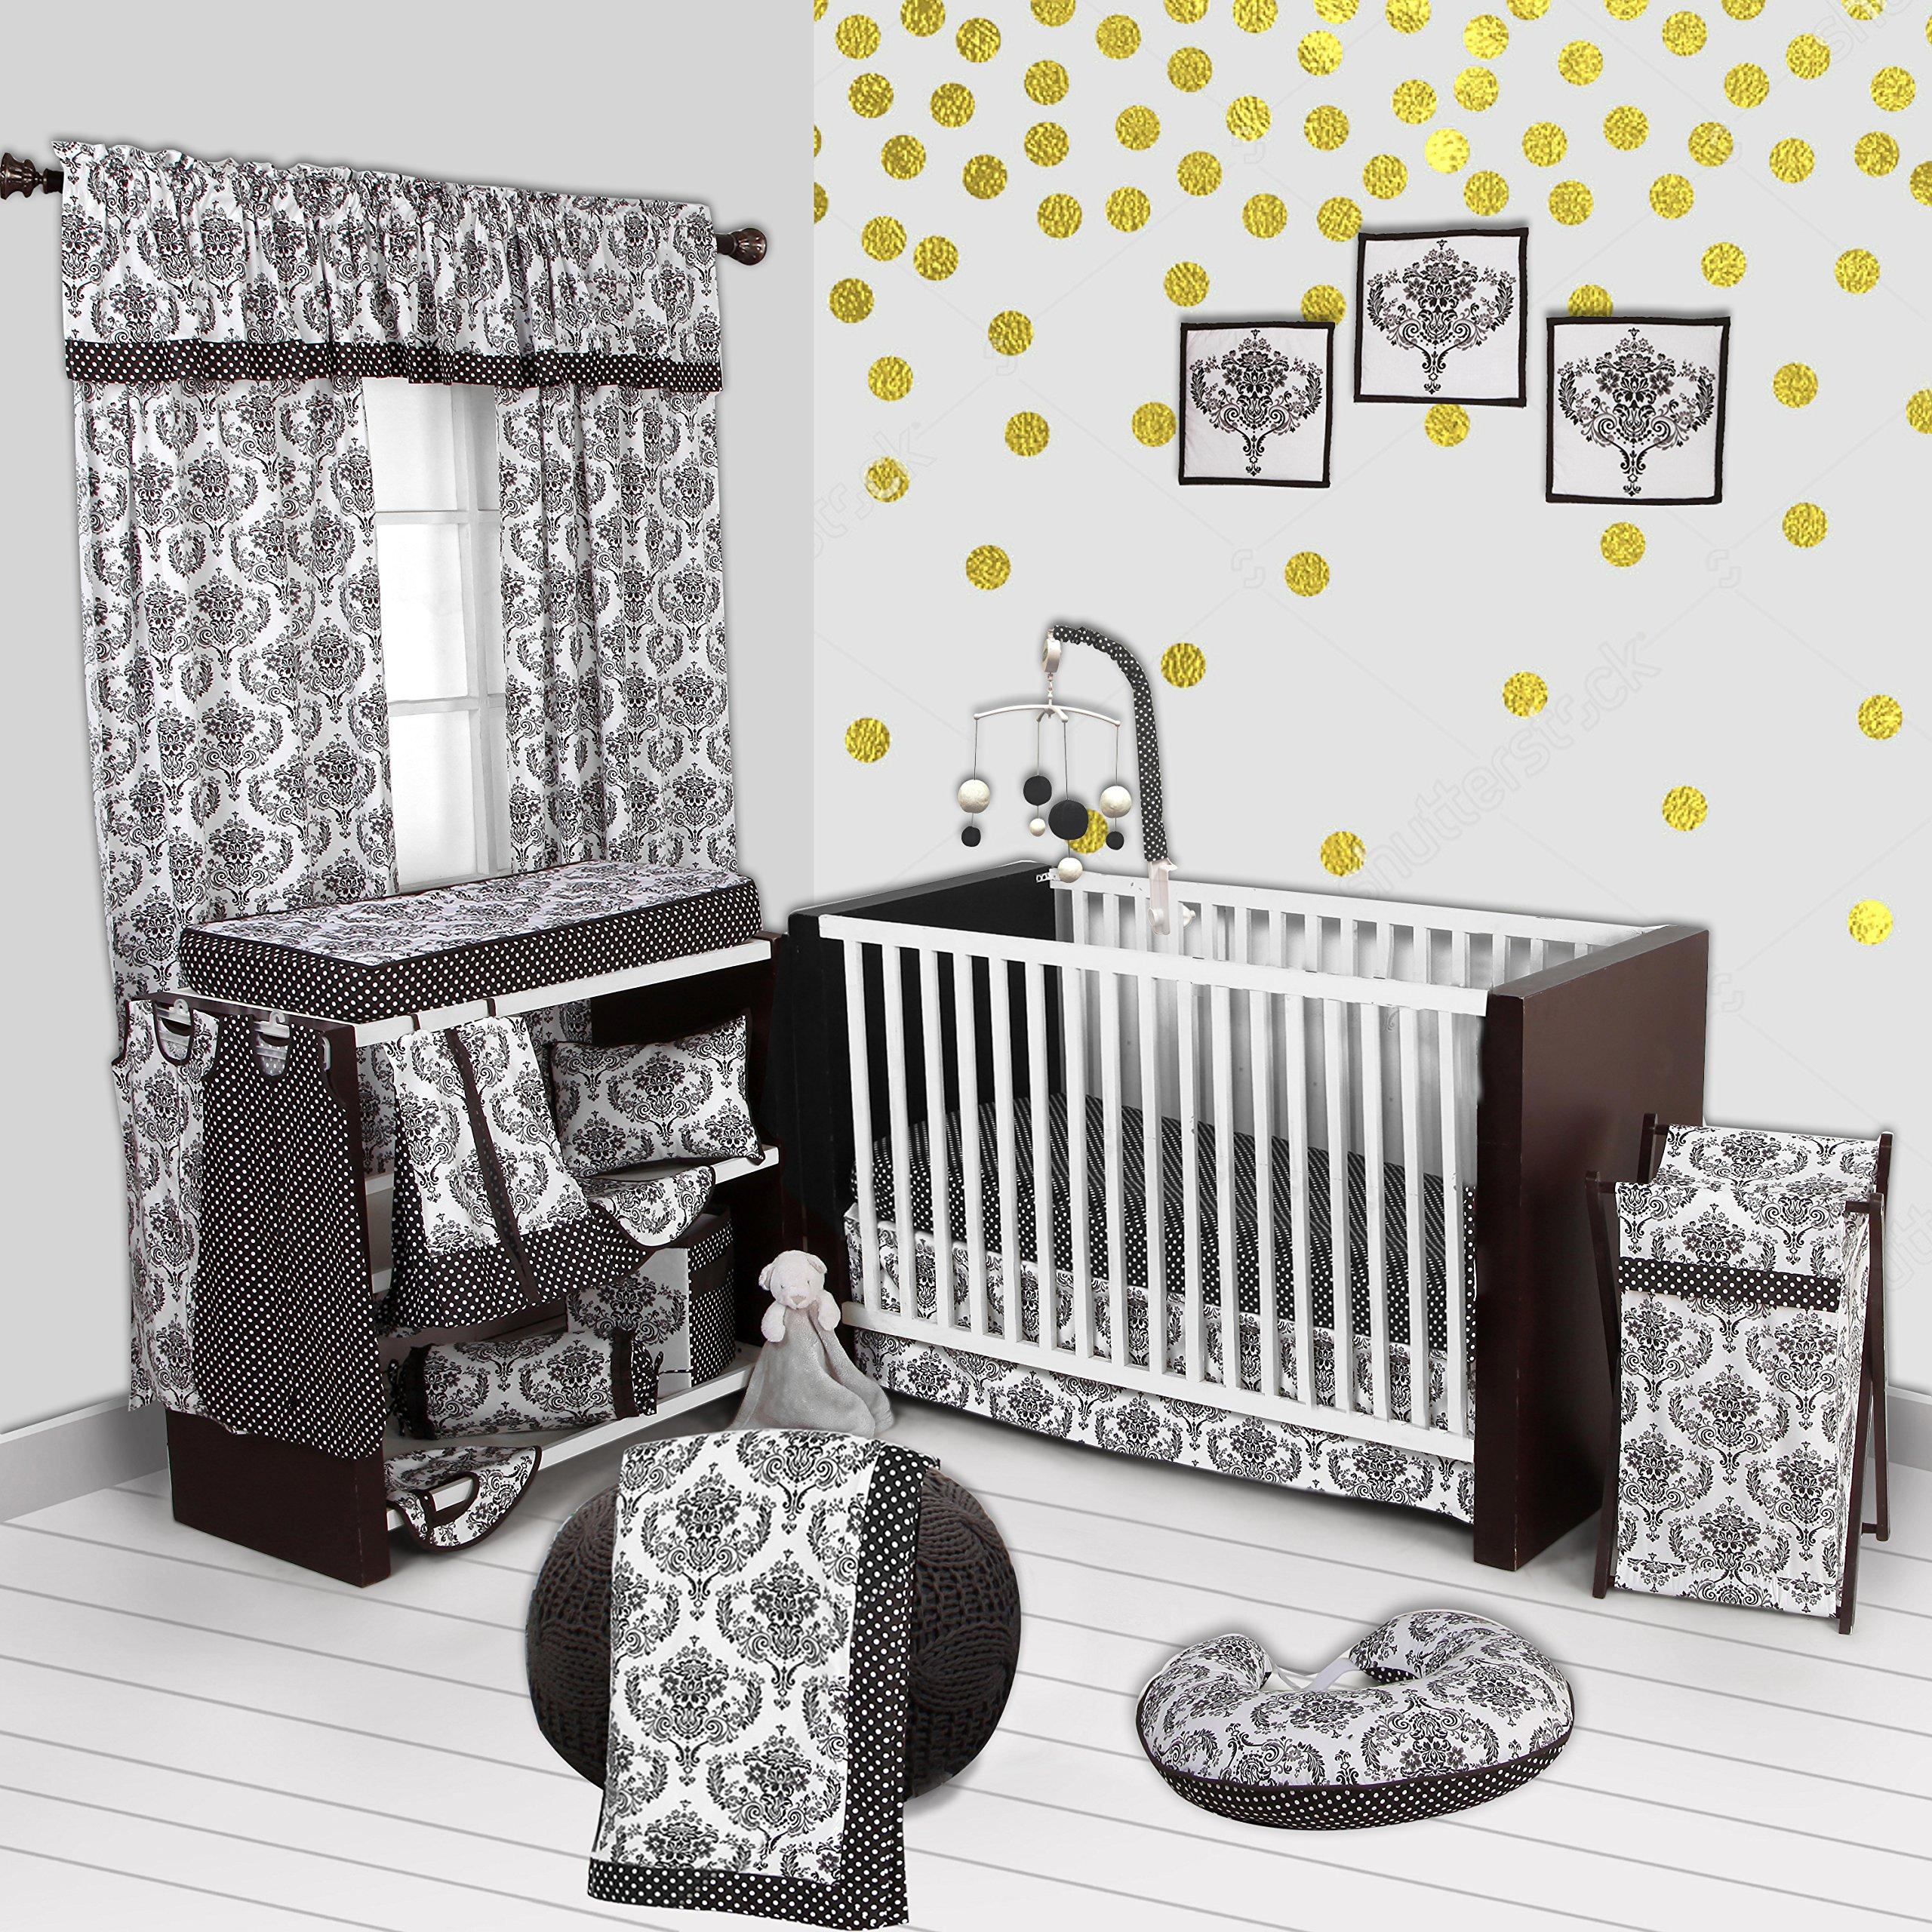 Bacati - Classic Damask White/black 10 Pc Crib Set Bumperfree by Bacati